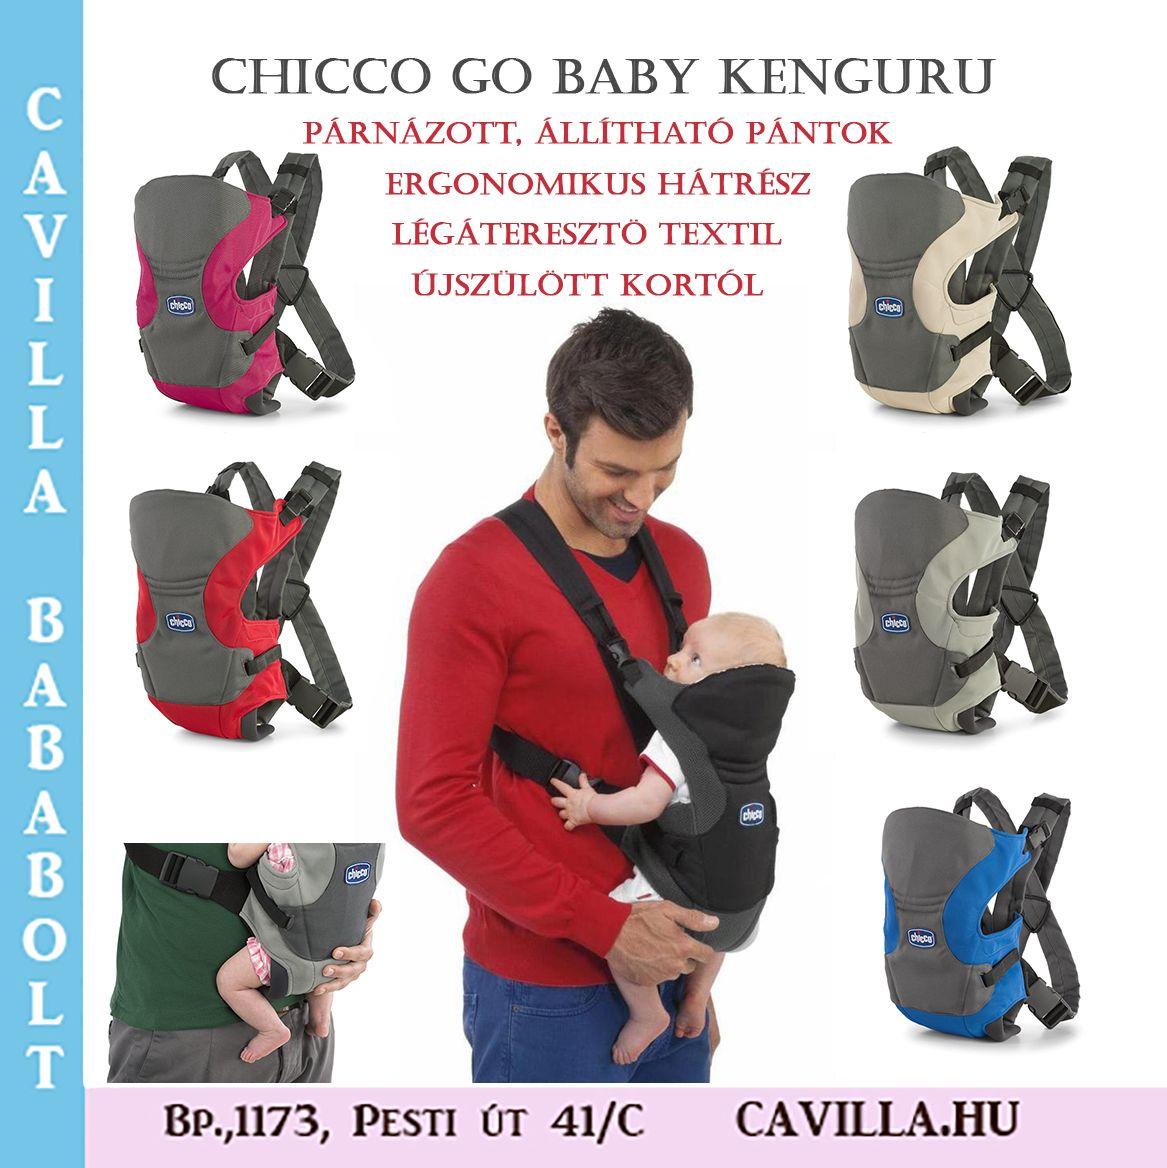 Chicco - Termékek márkák szerint - Cavilla Bababolt  5c4a1041a1